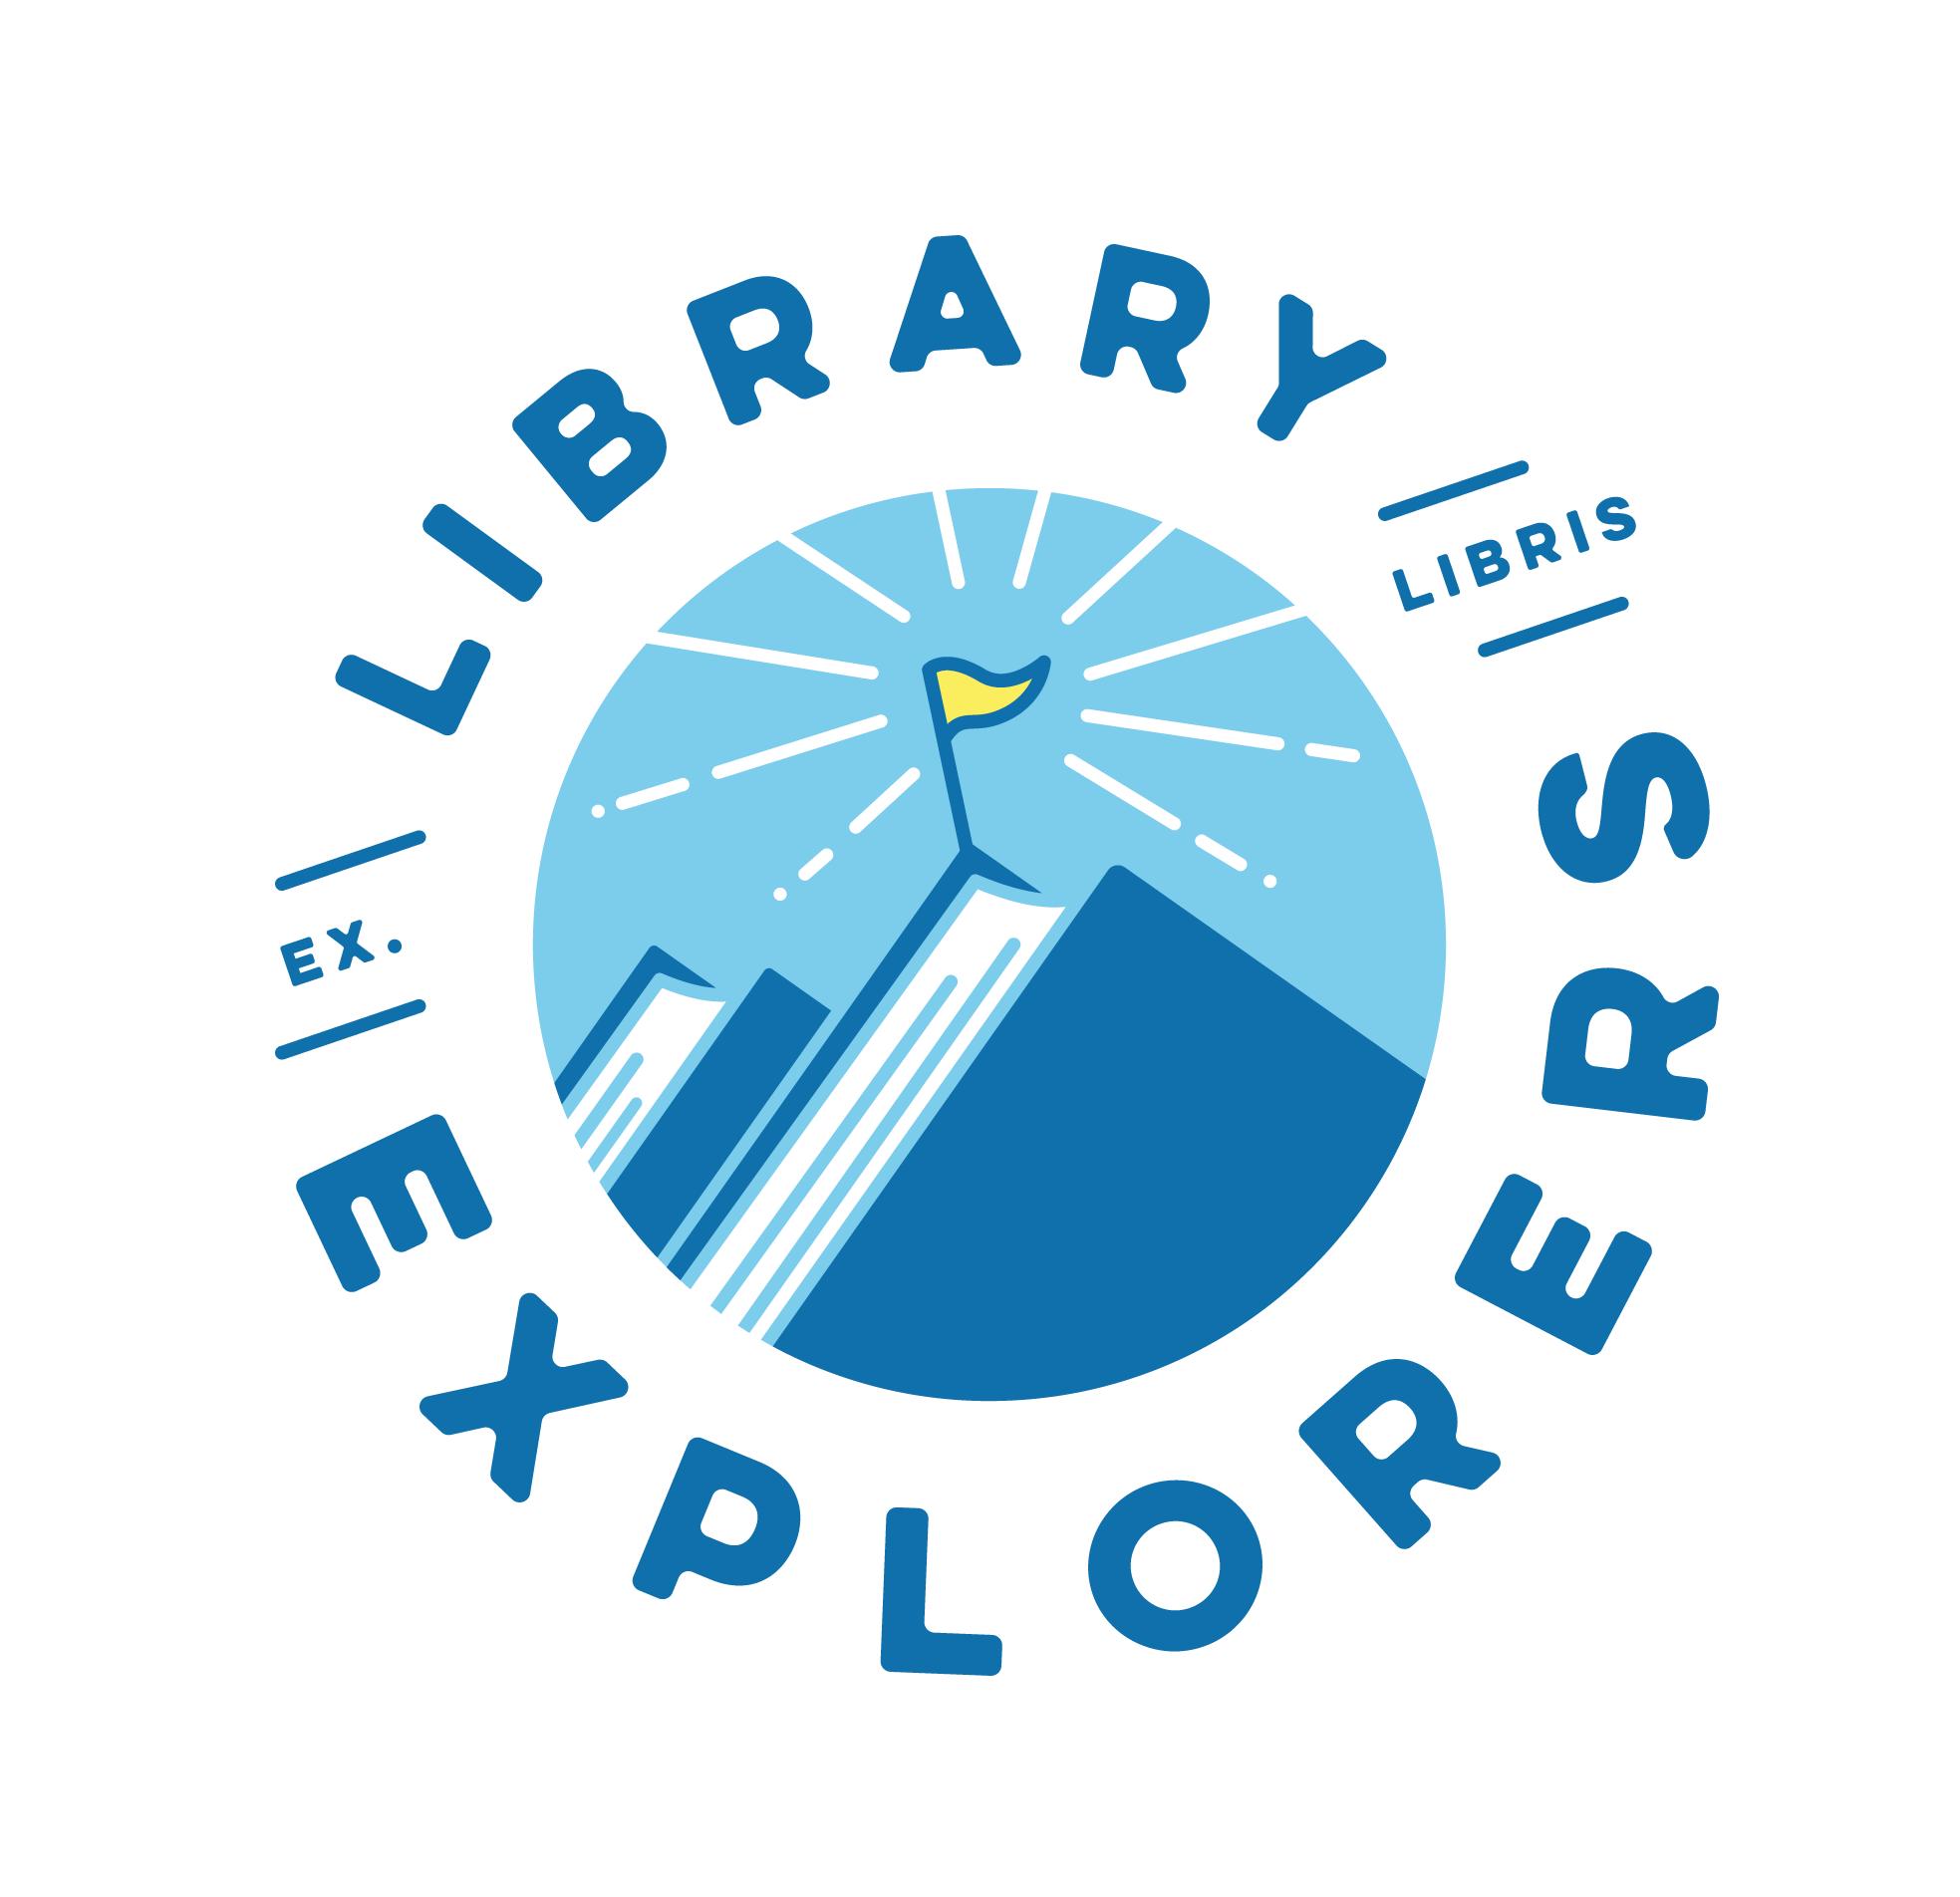 Insta-LibExplorers2017